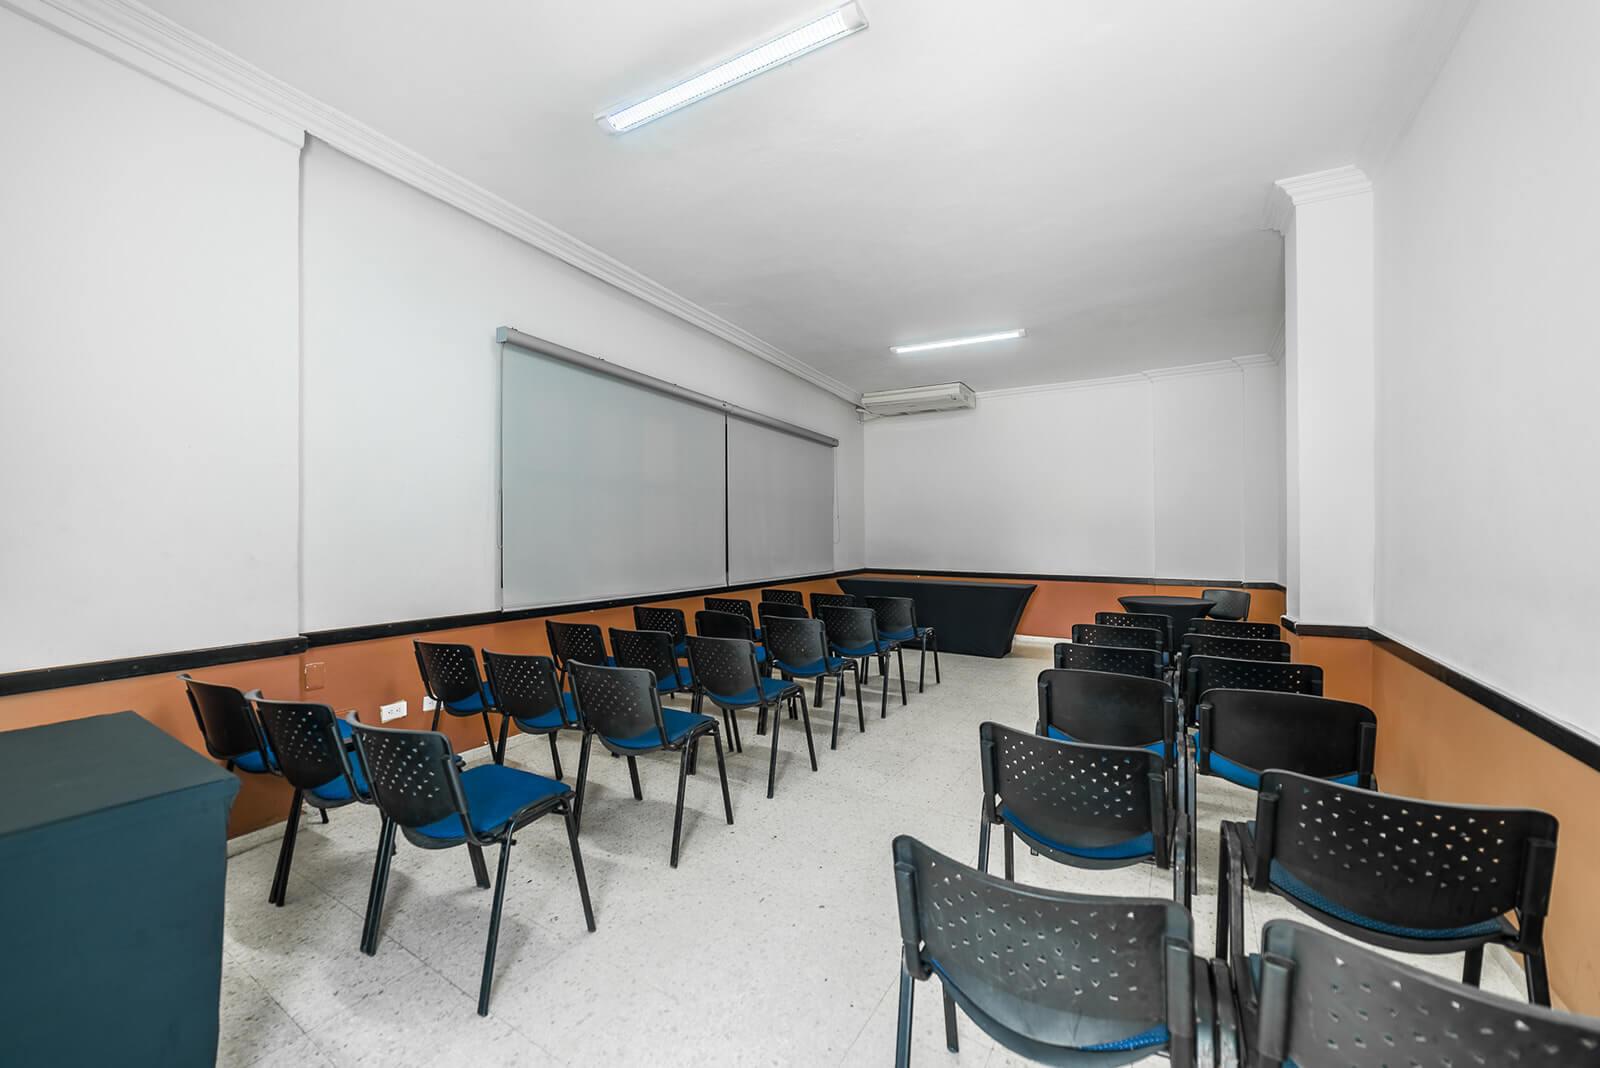 Eventos corporativos, conferencias, reuniones, talleres - Hotel Génova Centro